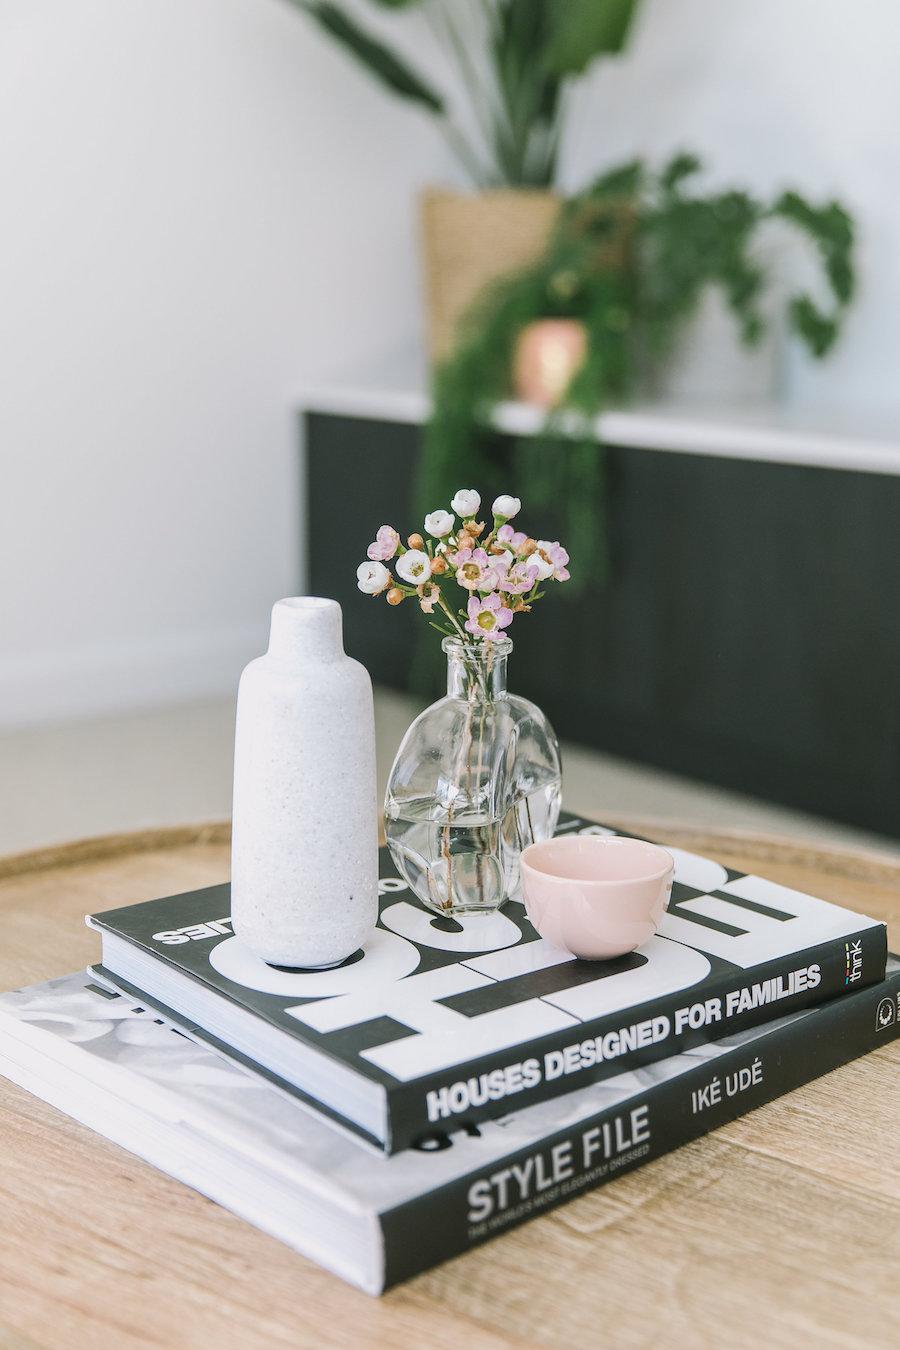 Bookshelf before Living room makeover